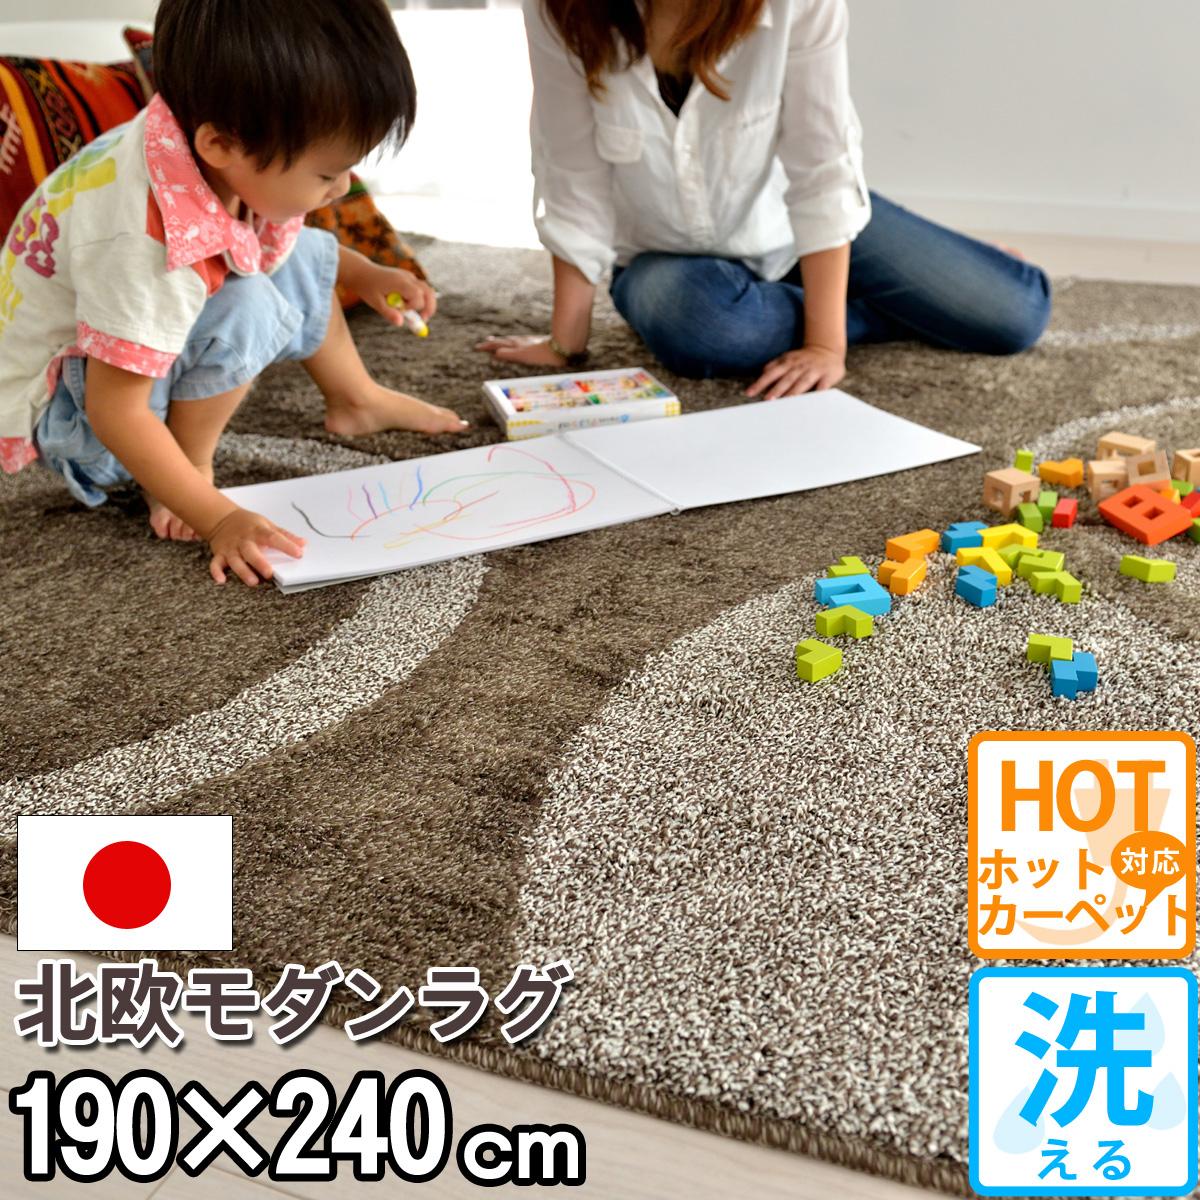 カーペット 床暖対応 ラグ 洗える 約3畳 アレルギー対策 おしゃれ ホットカーペット対応 ミックス モダン リビング 北欧 なかね家具 オールシーズン 防ダニ 柄 シャギー 赤ちゃん 日本製 茶色 マット 激安 サークル ペット 絨毯 抗菌 ブラウン 190×240 ビジャウ